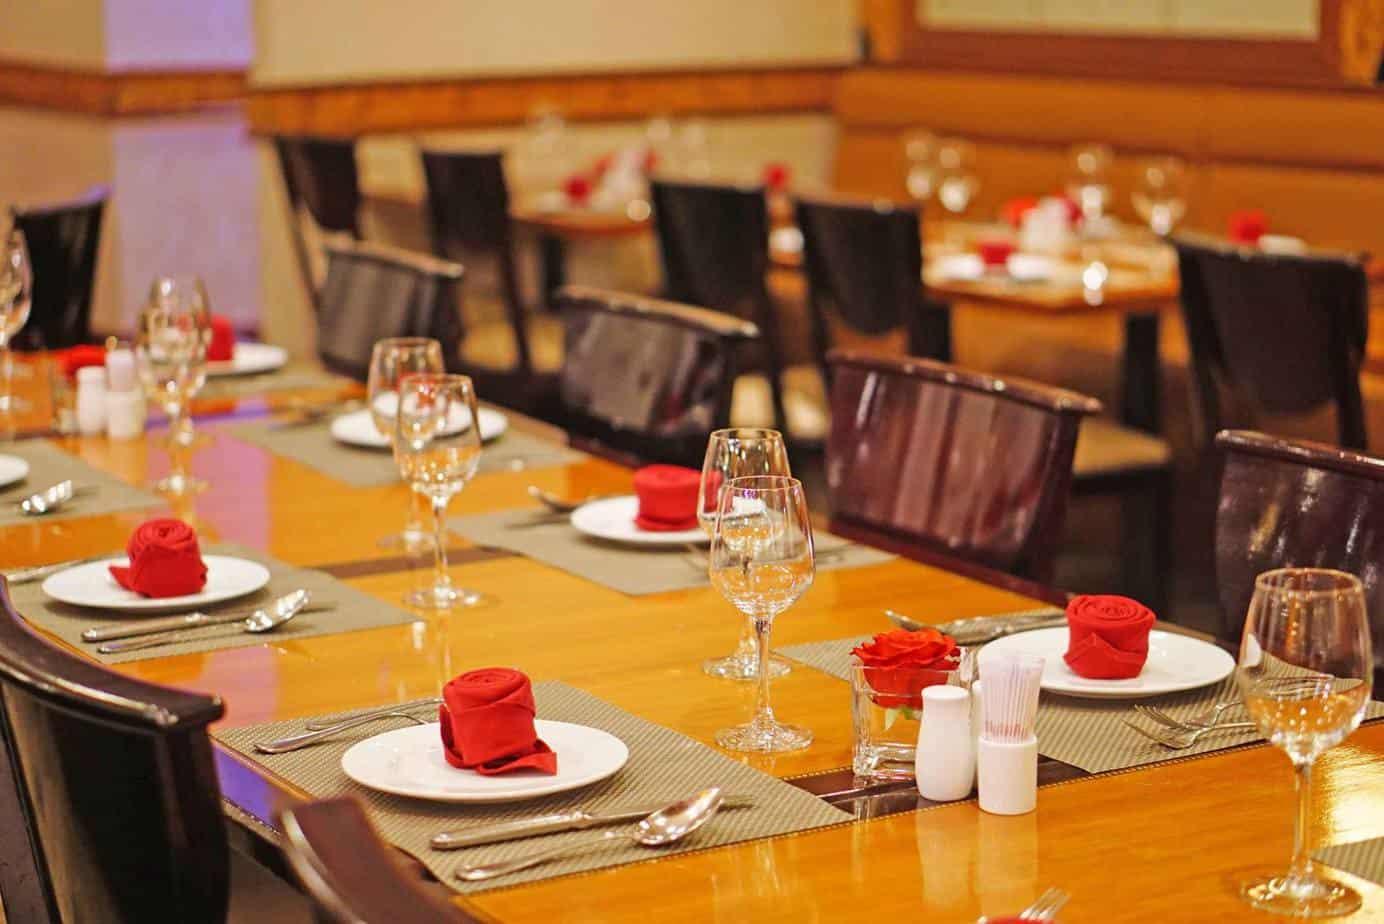 Top 8 Nhà Hàng Buffet Cao Cấp Tại TPHCM Mà Dân Sành Ăn Không Nên Bỏ Lỡ - nhà hàng buffet cao câp tại tphcm - Caravelle Saigon hotel | Hoàng Yến Premier | Nhà Hàng Buffet 93